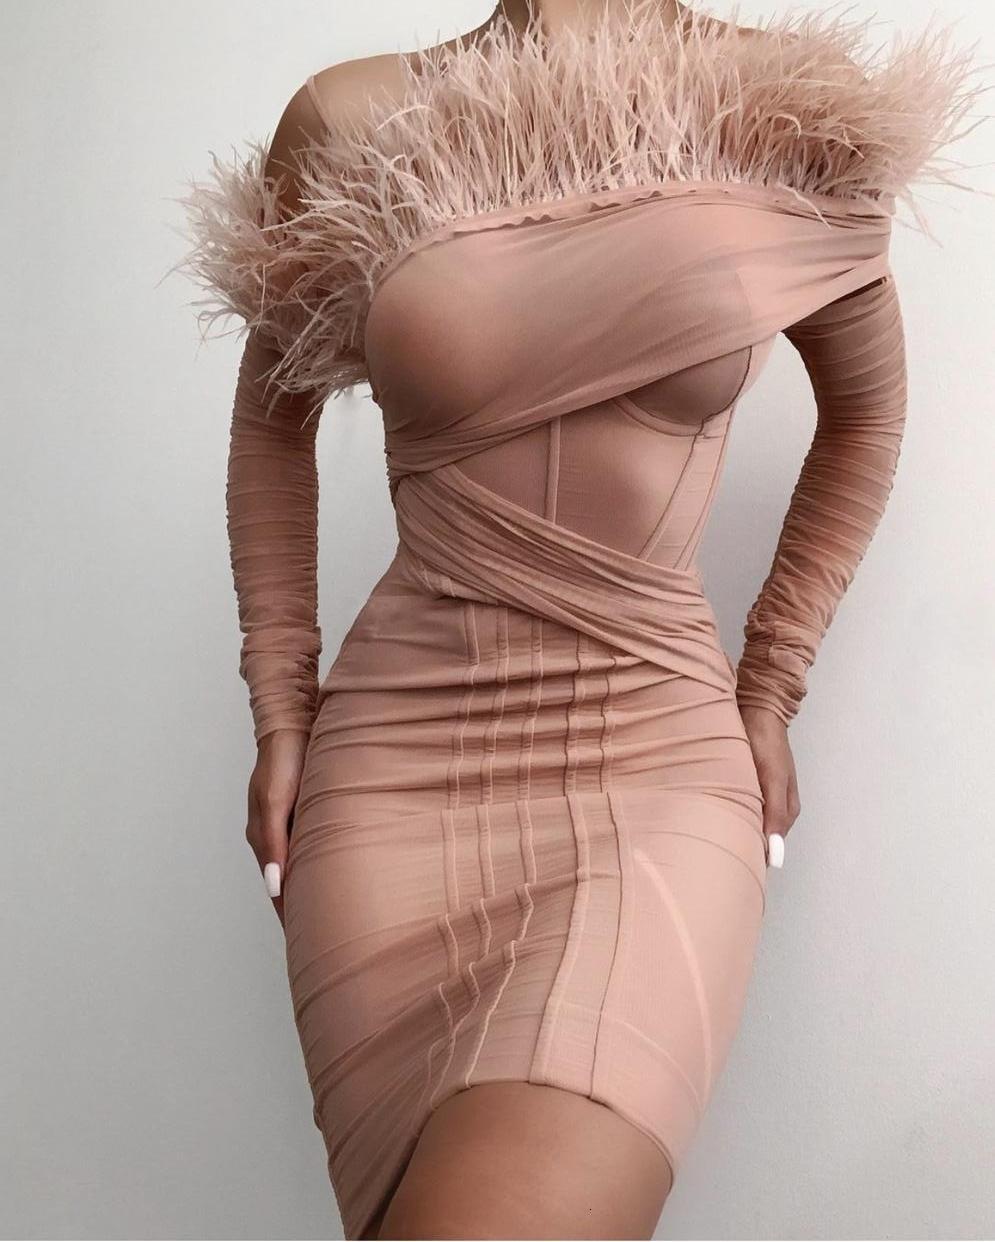 Seksi Kadın Tasarımcı Pembe Tüy Bandaj Kış 2021 Zarif Bayanlar Omuz Bodycon Elbise Parti 4x97